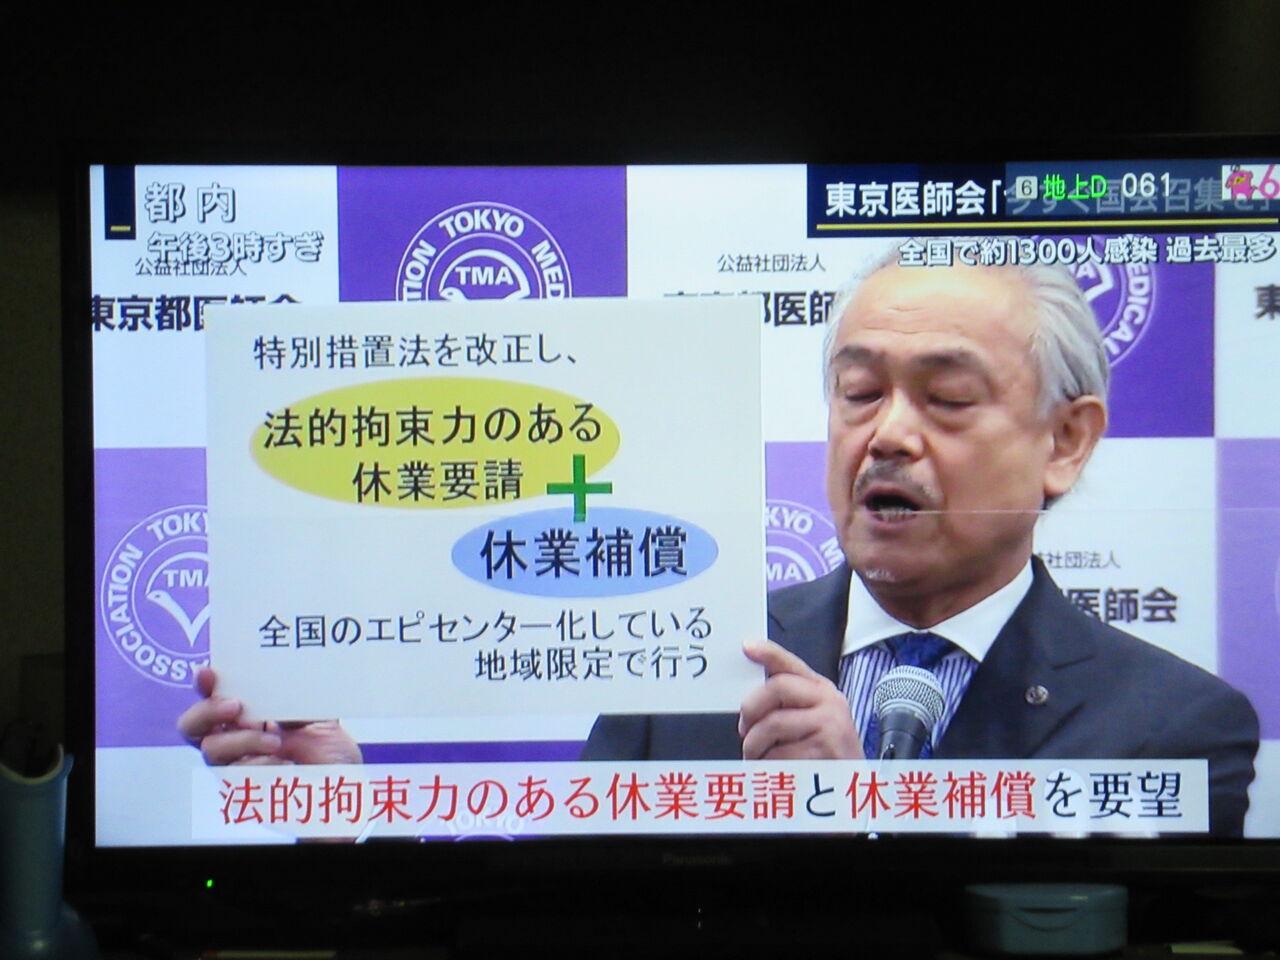 医師 尾崎 東京 会